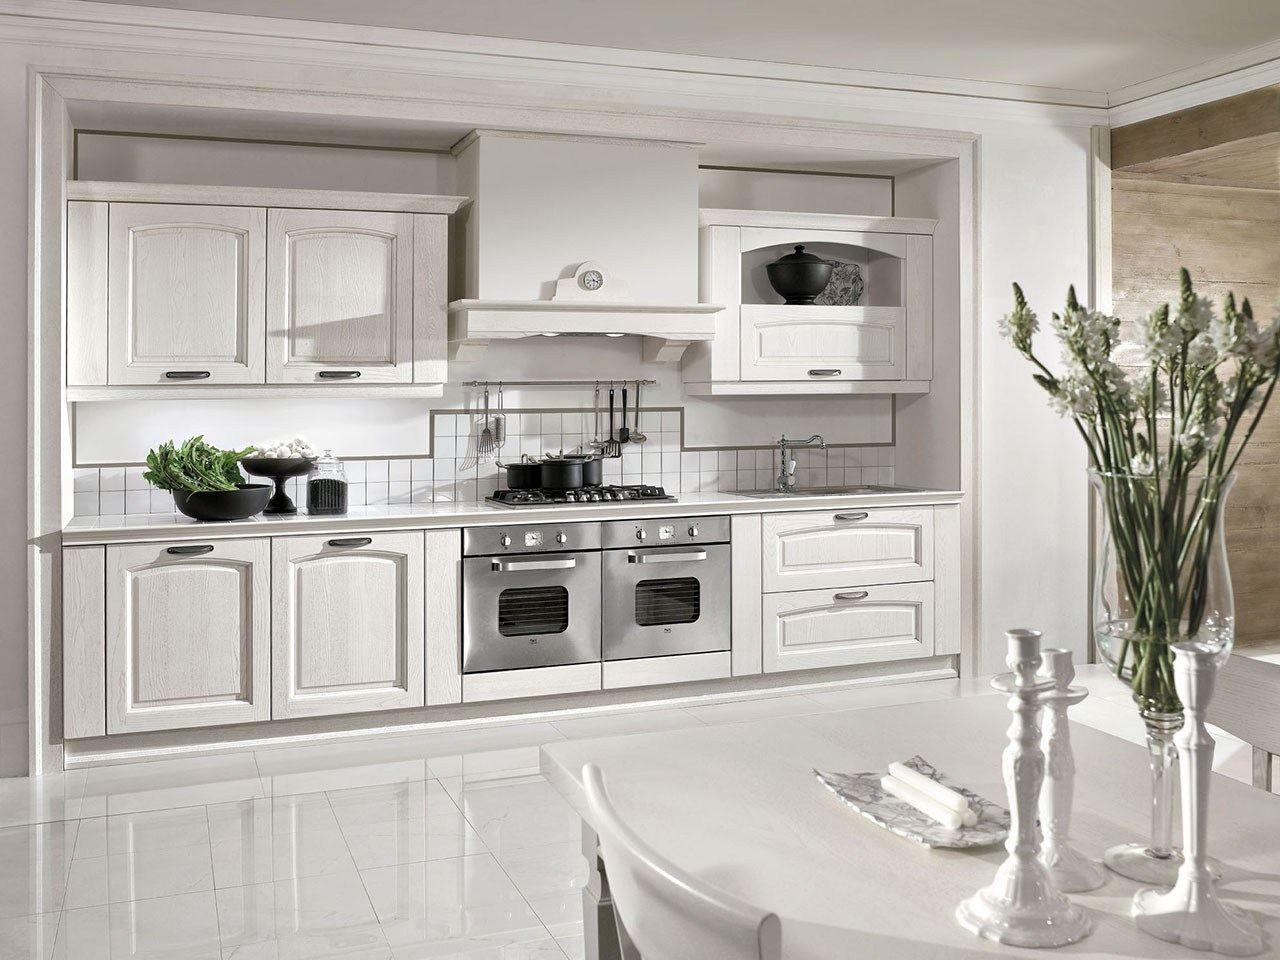 Cucina componibile su misura con maniglie emma by arredo 3 for Cucina arreda